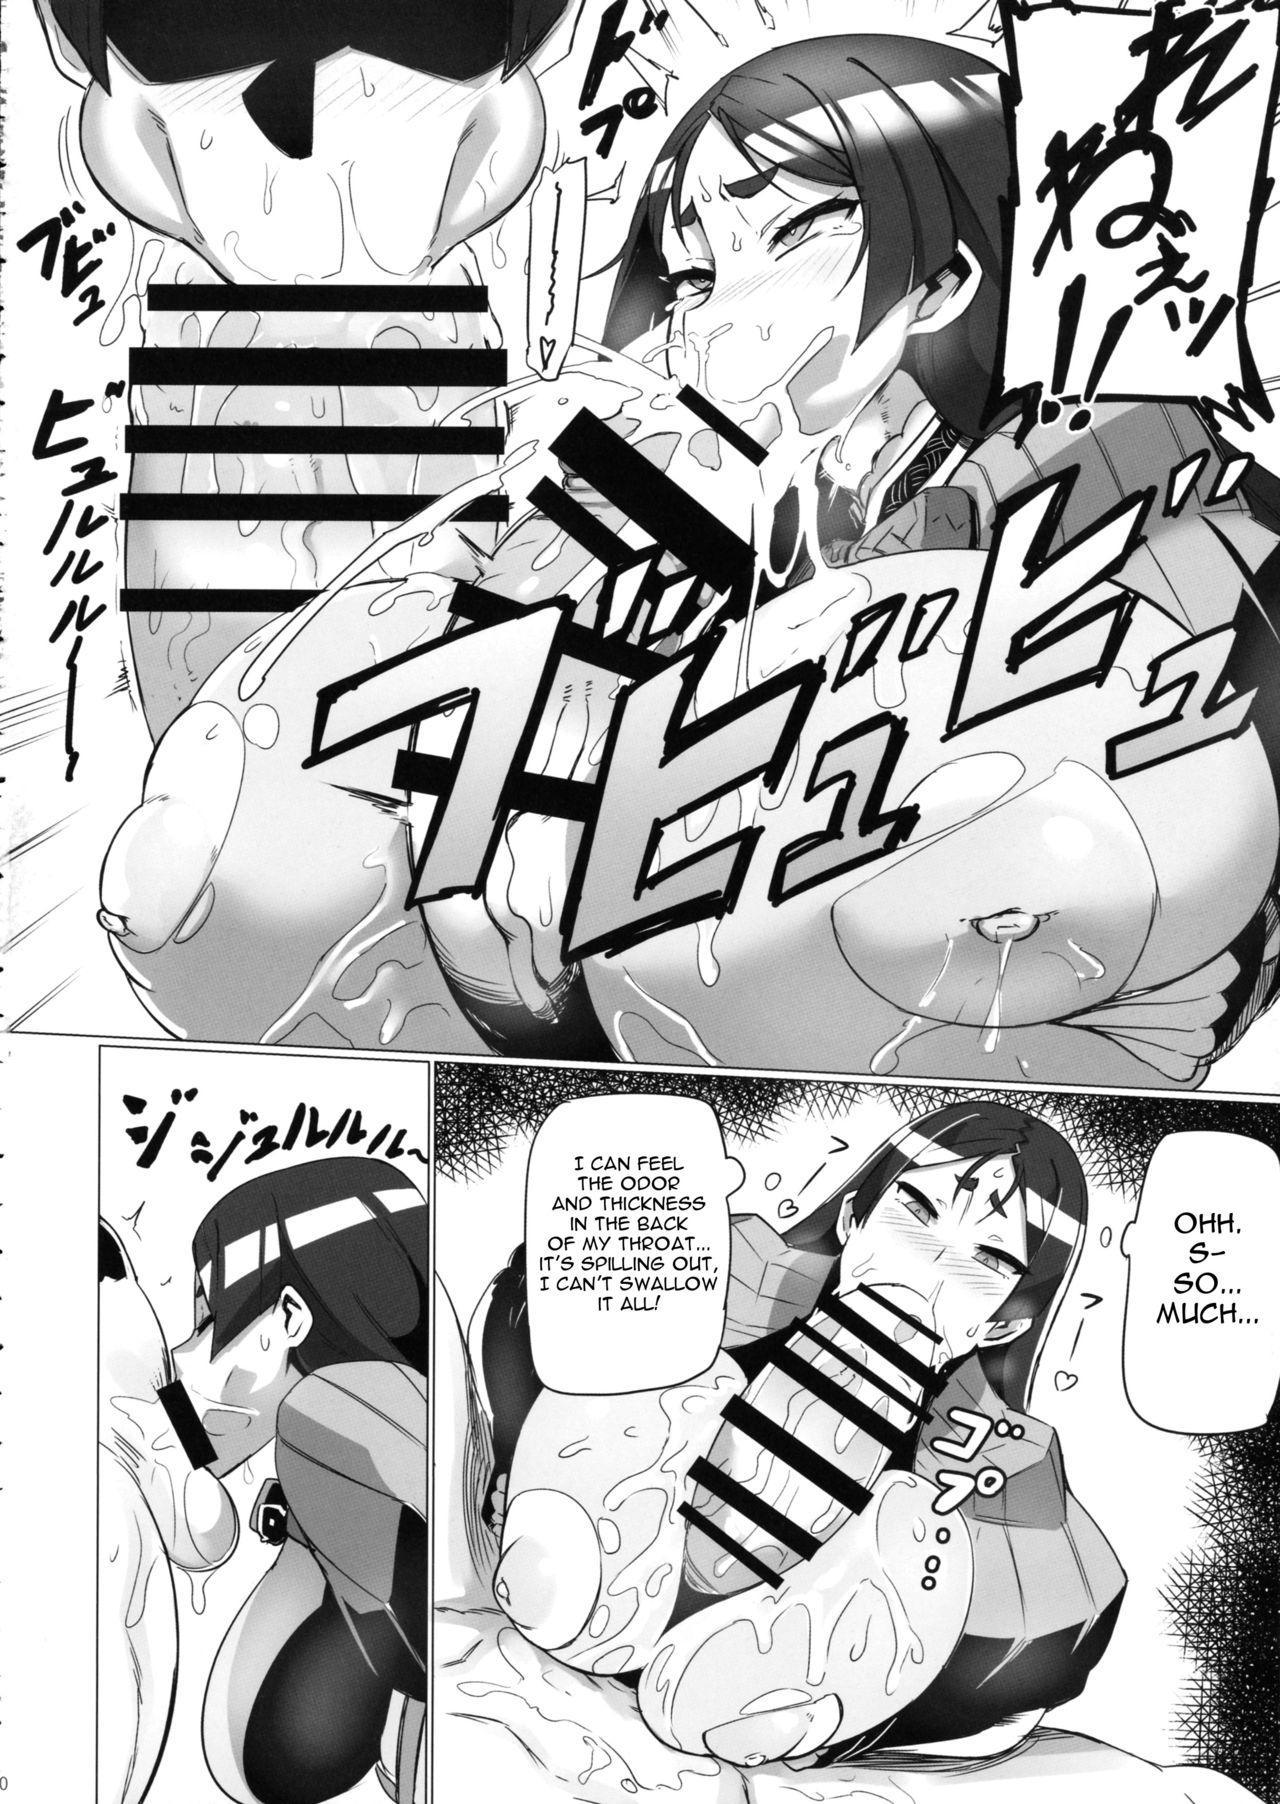 Shuten to Raikou no Yukemuri Daisakusen 8